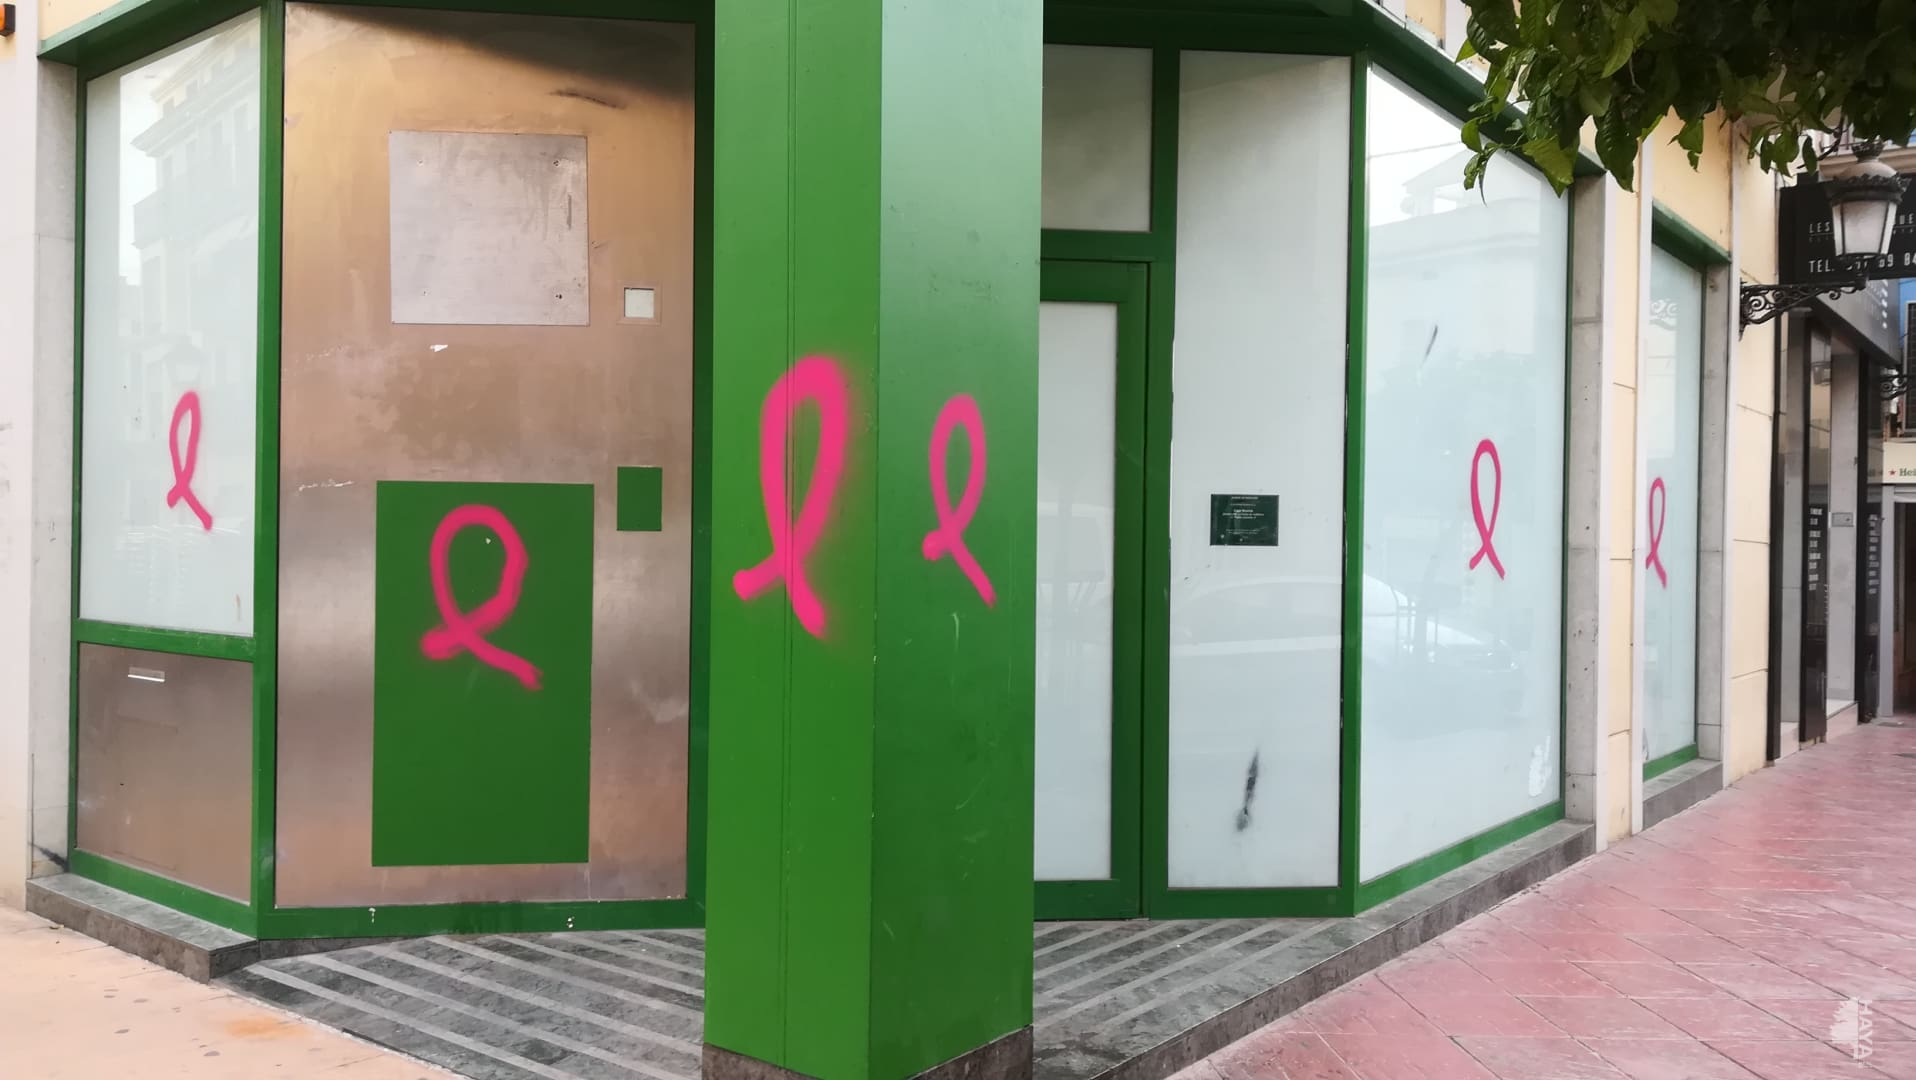 Local Comercial en Centro. Local en venta en bétera (valencia) alfabegues el bulevar